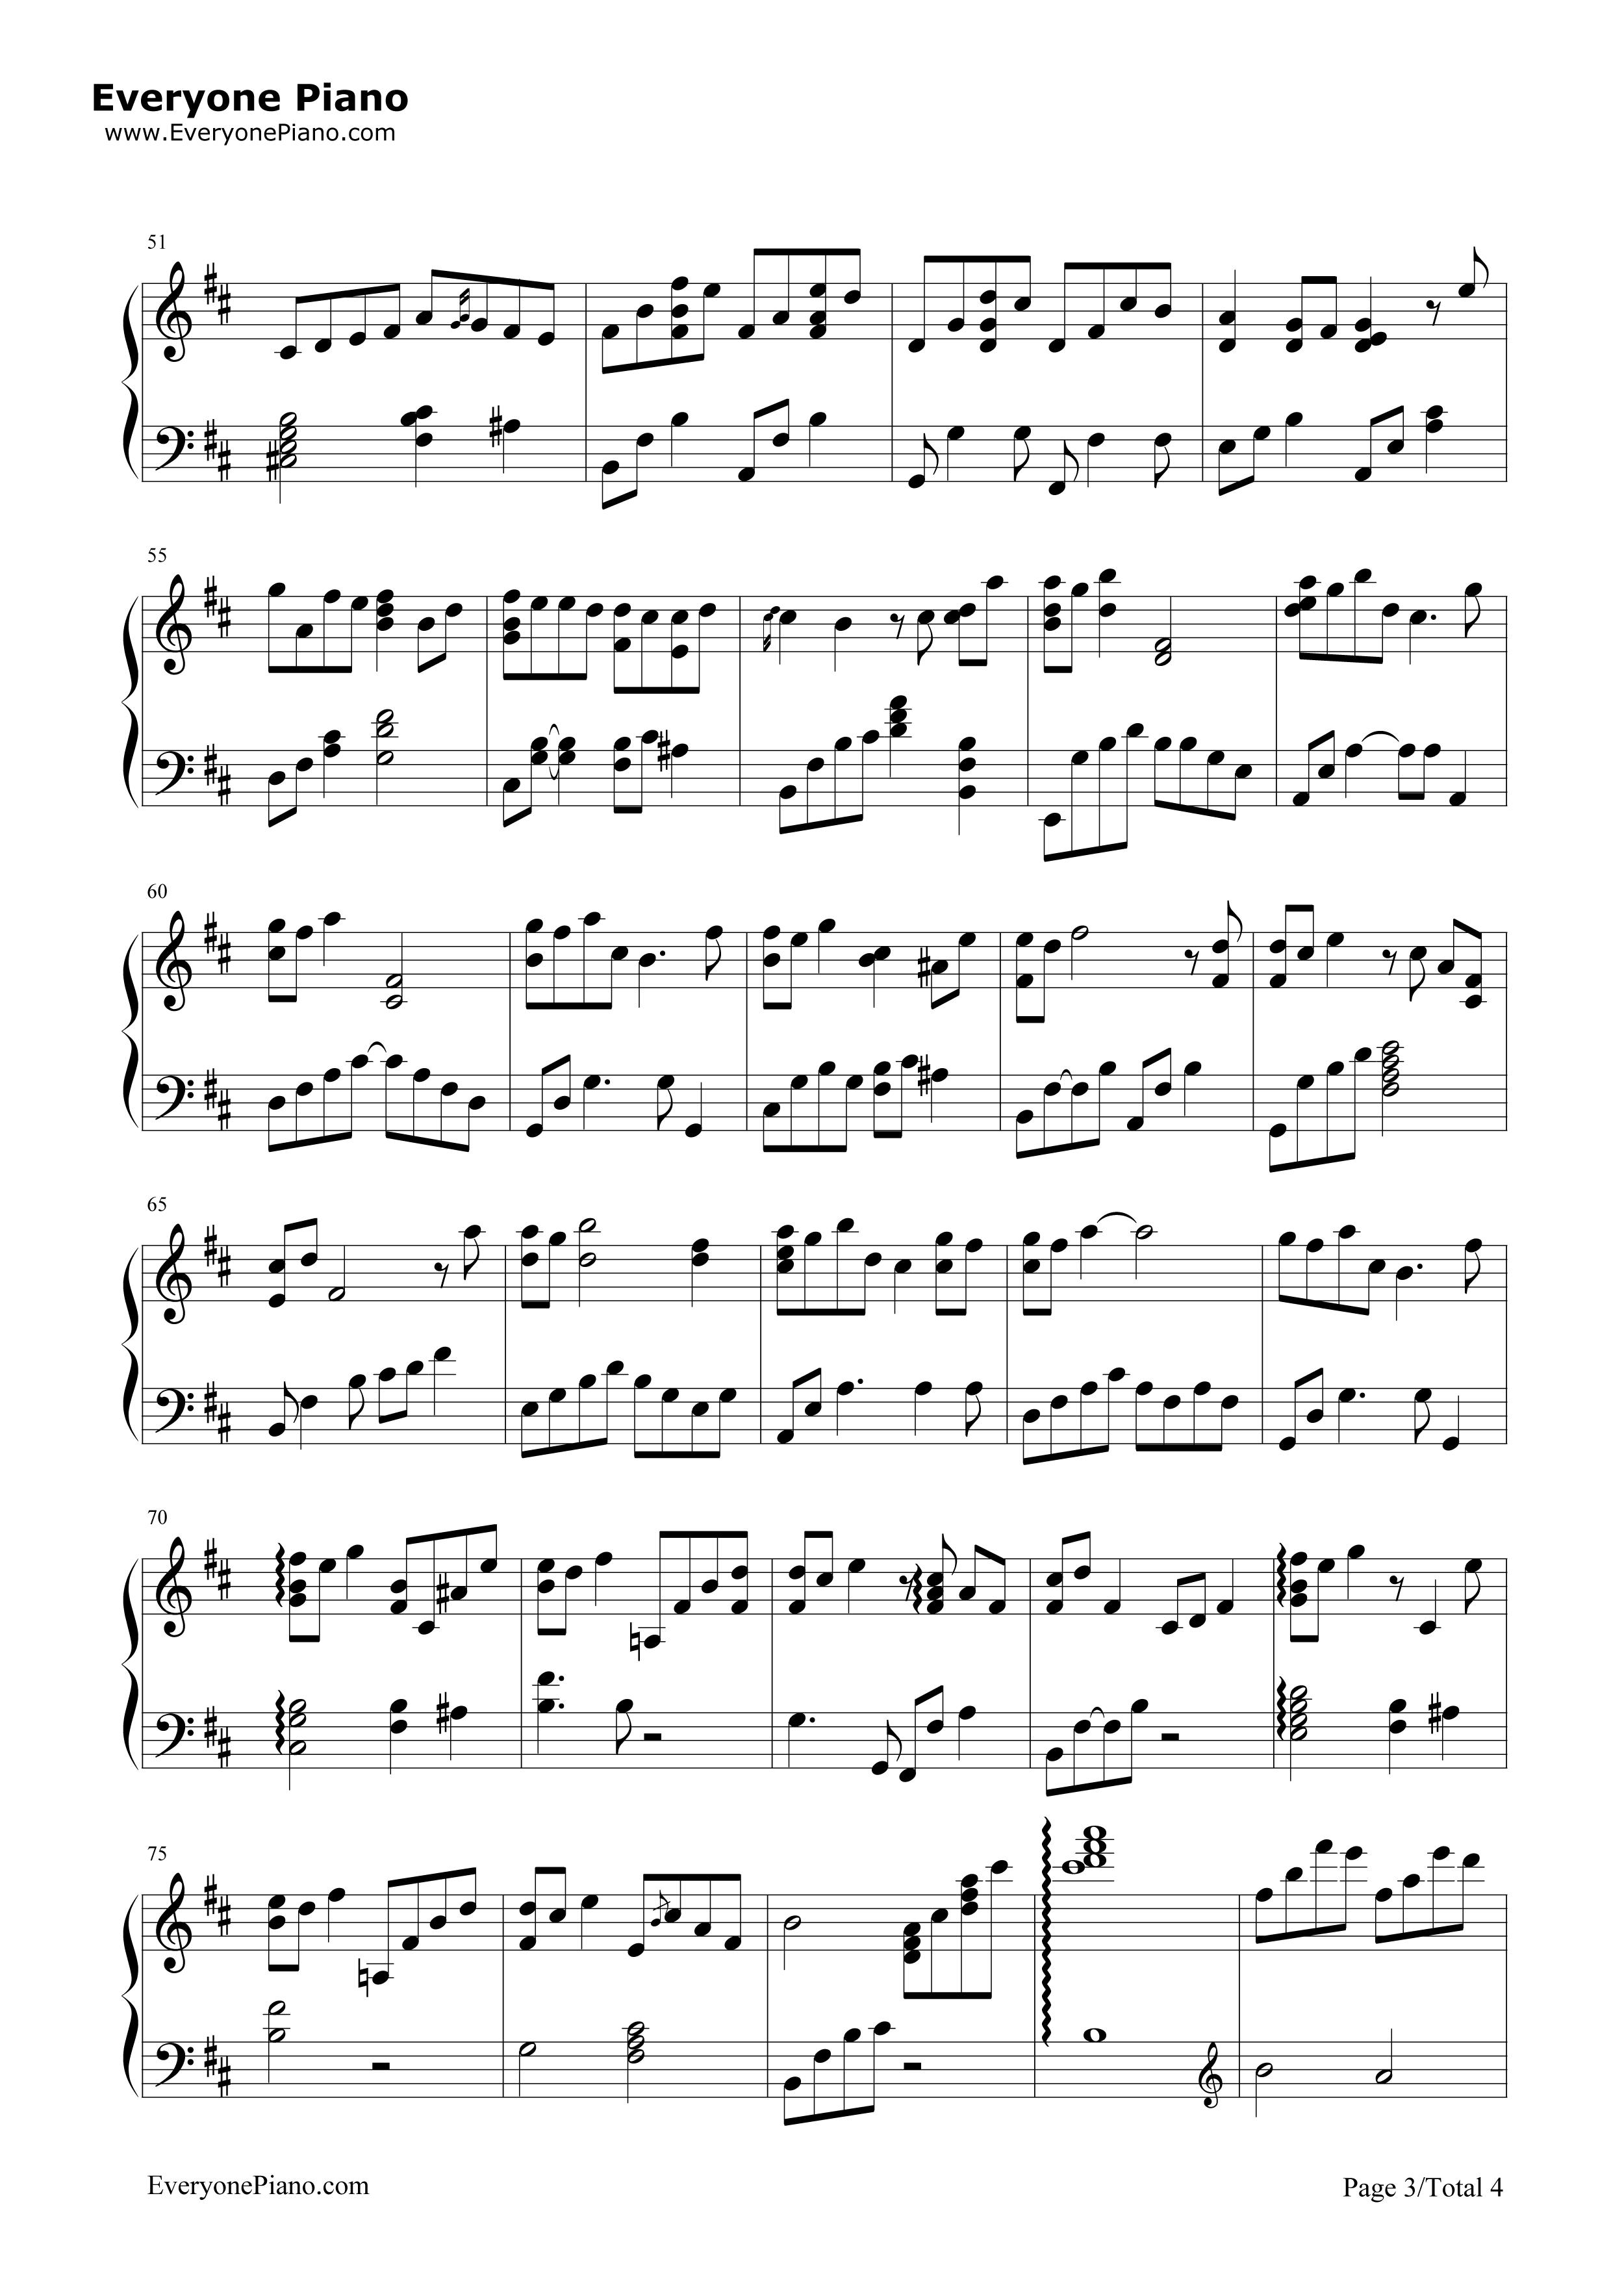 钢琴曲谱 轻音乐 hosiku星屑-藤岛裕之ai hosiku星屑-藤岛裕之ai